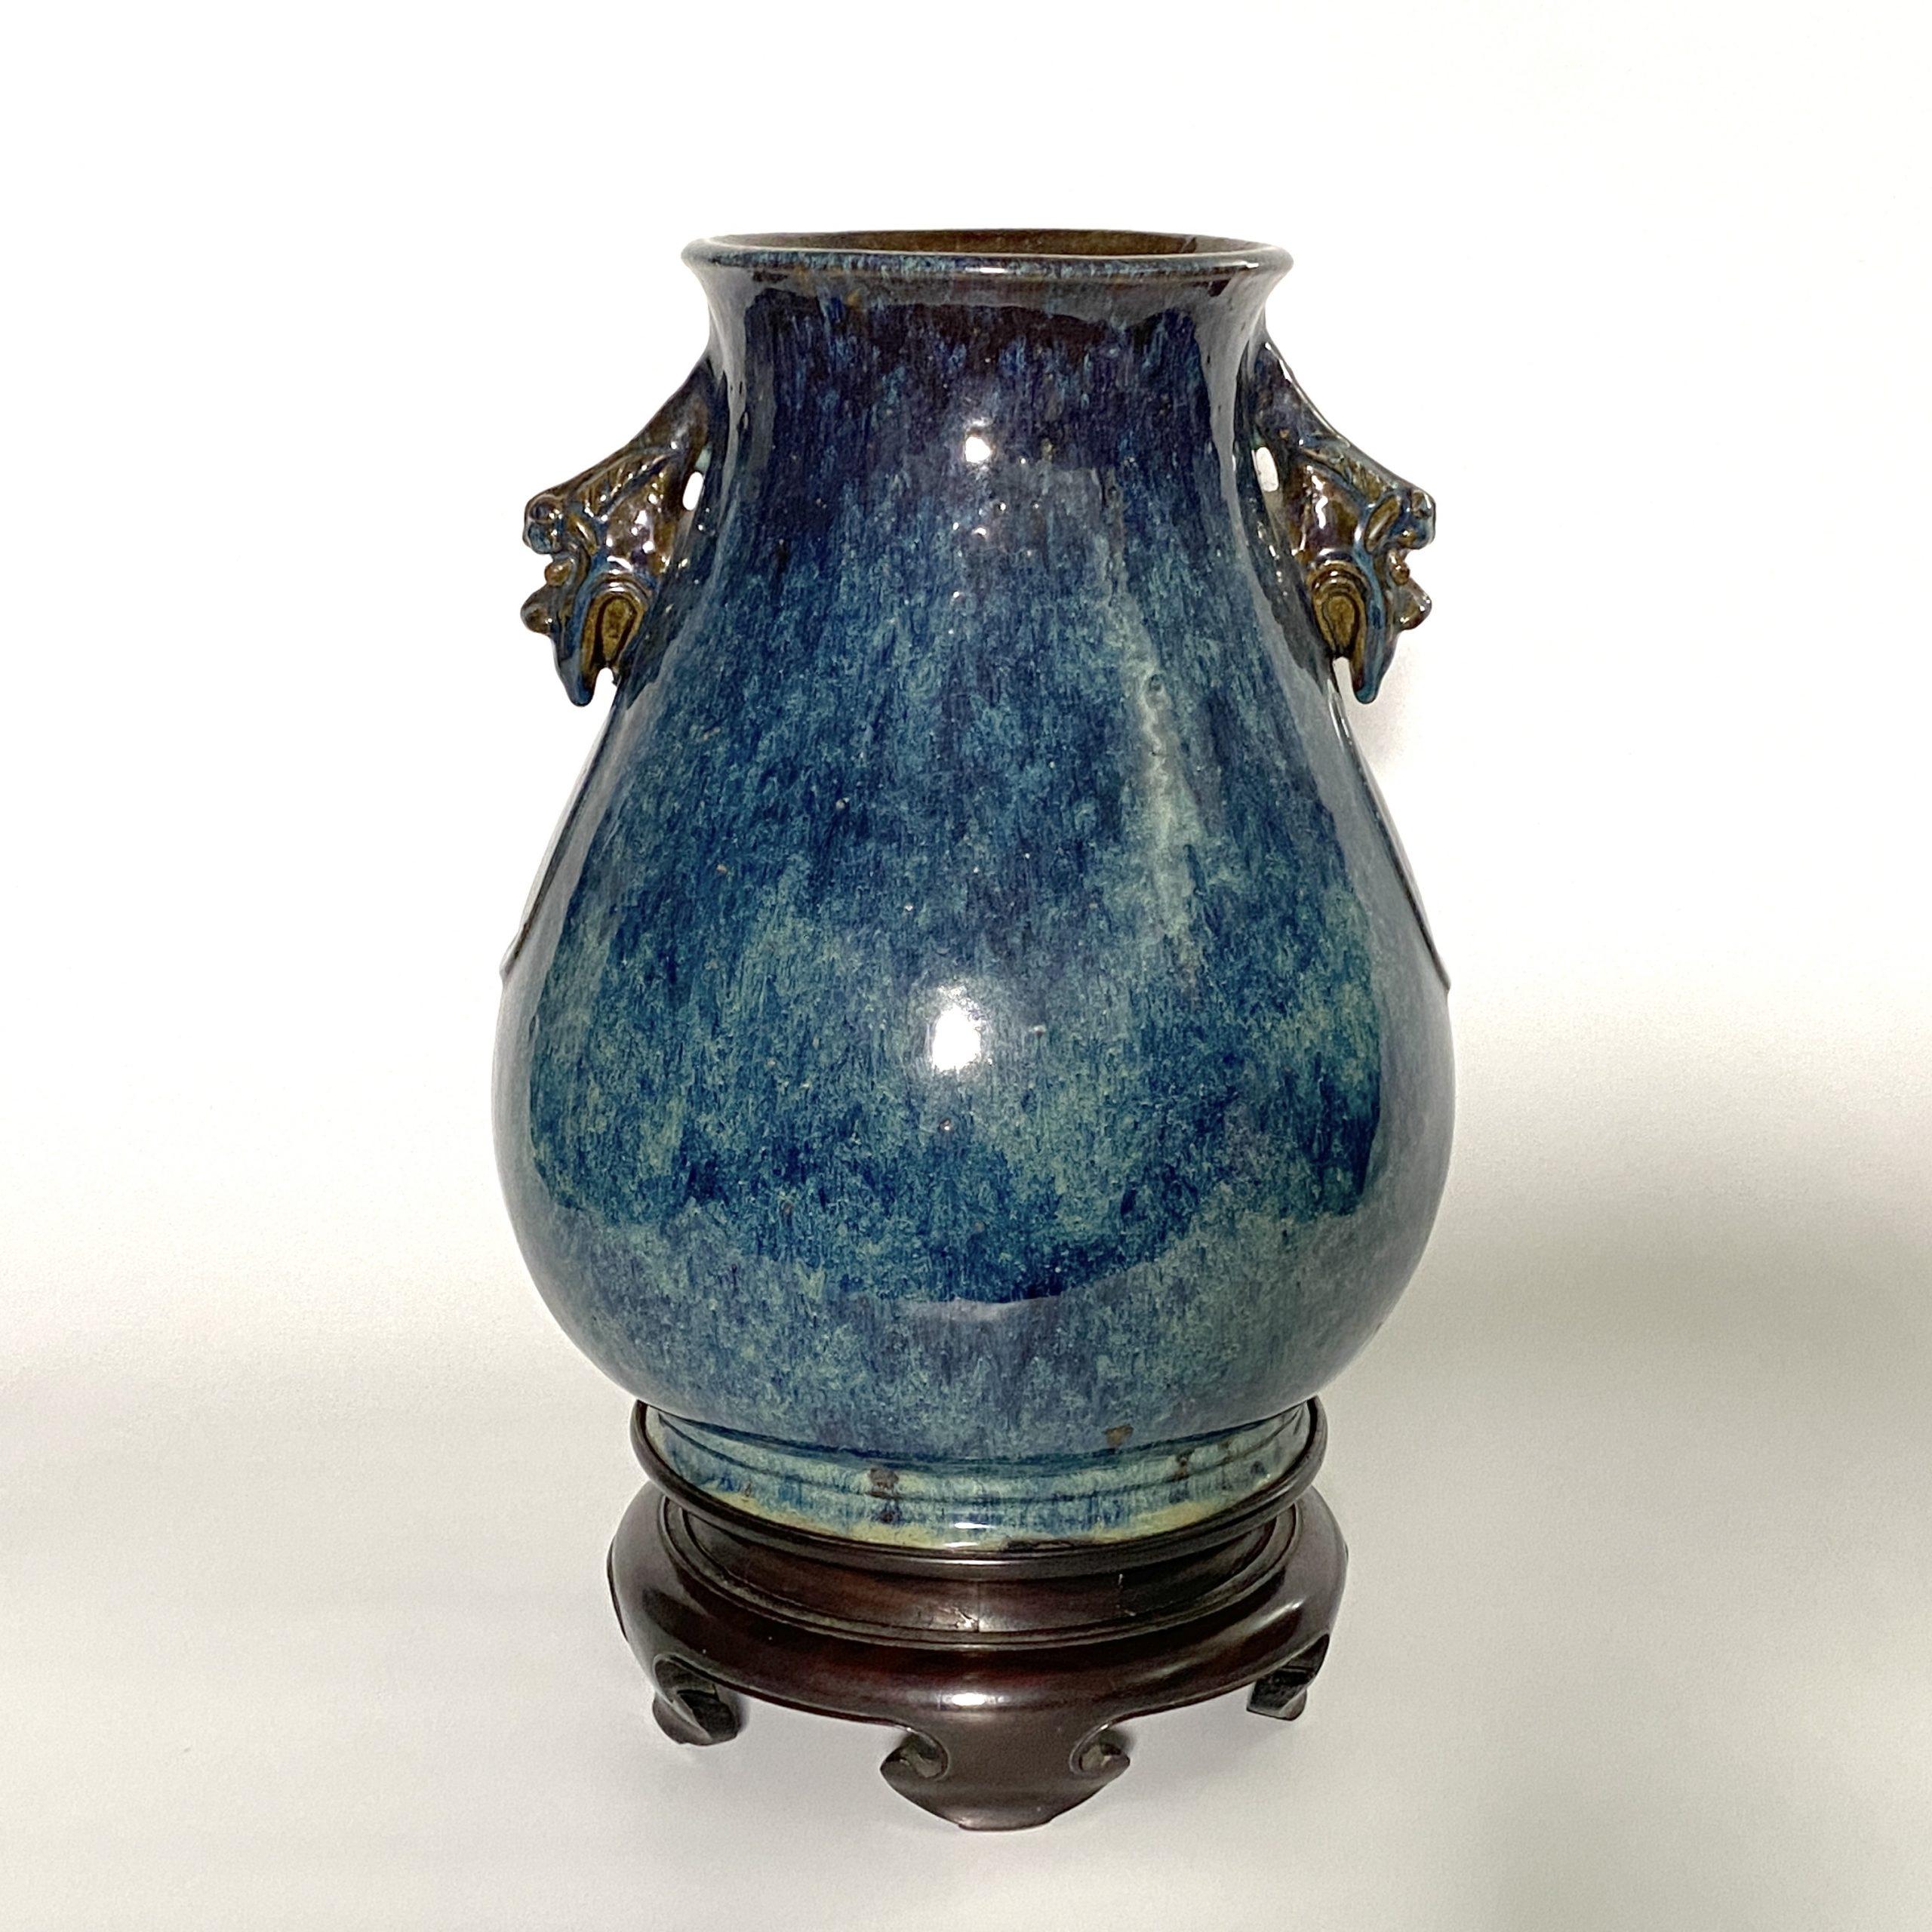 20081清「葛明祥造」款 宜興海鼠釉 獣耳瓶